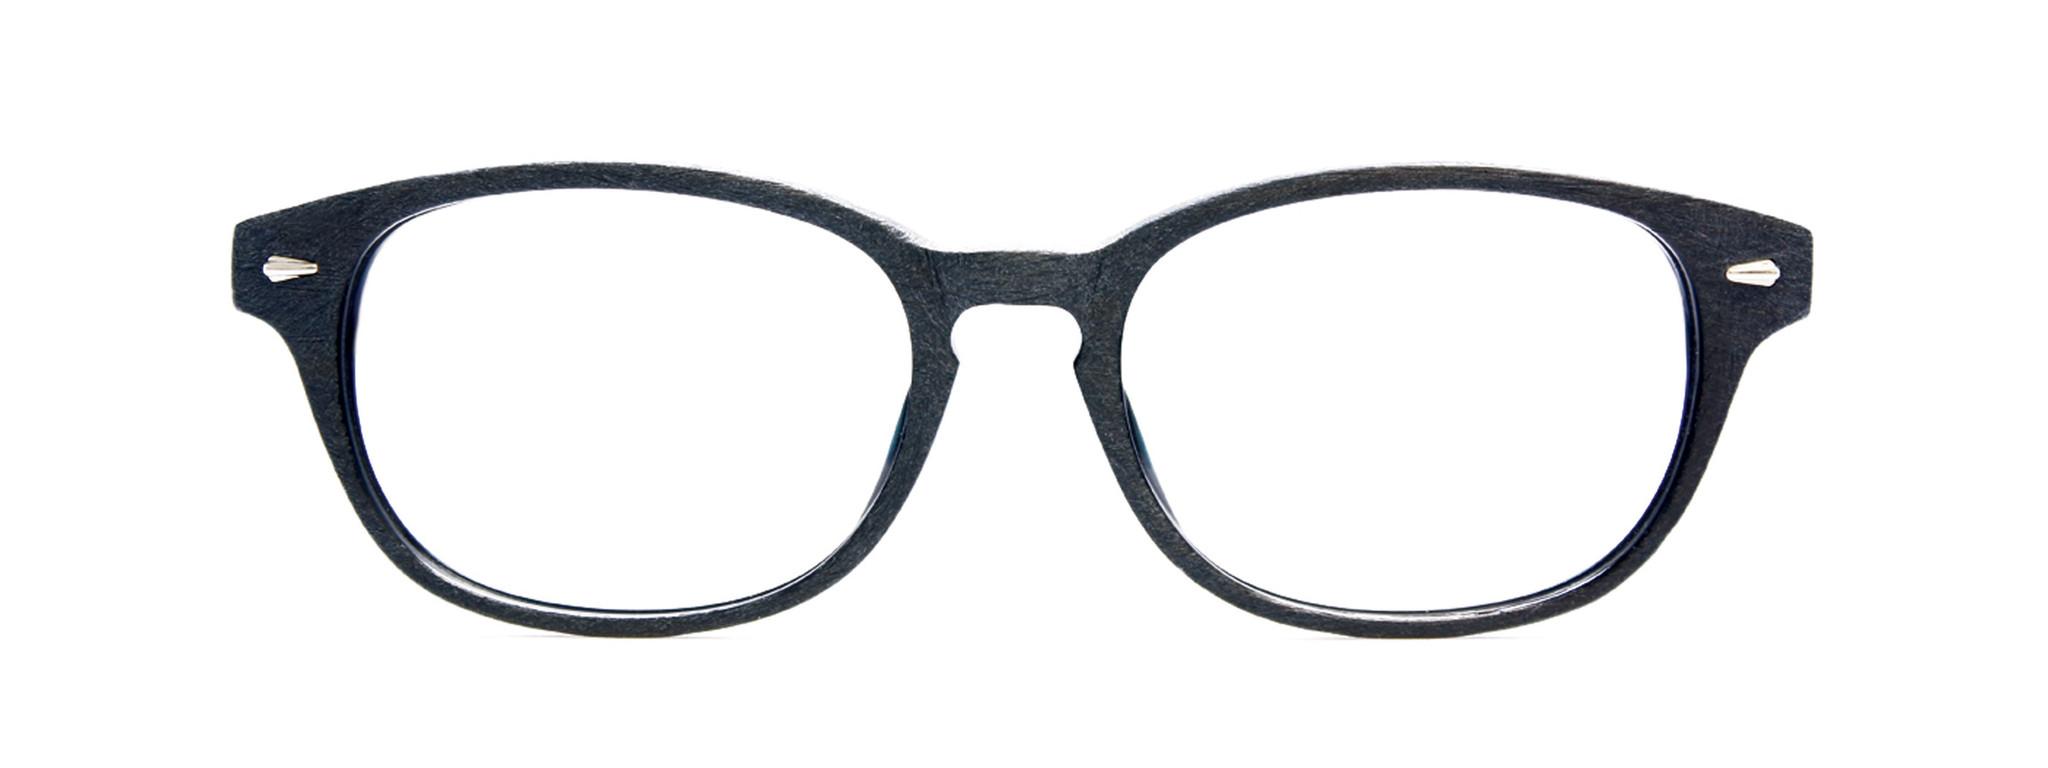 Amazing Penguin Glasses Frames Embellishment - Framed Art Ideas ...